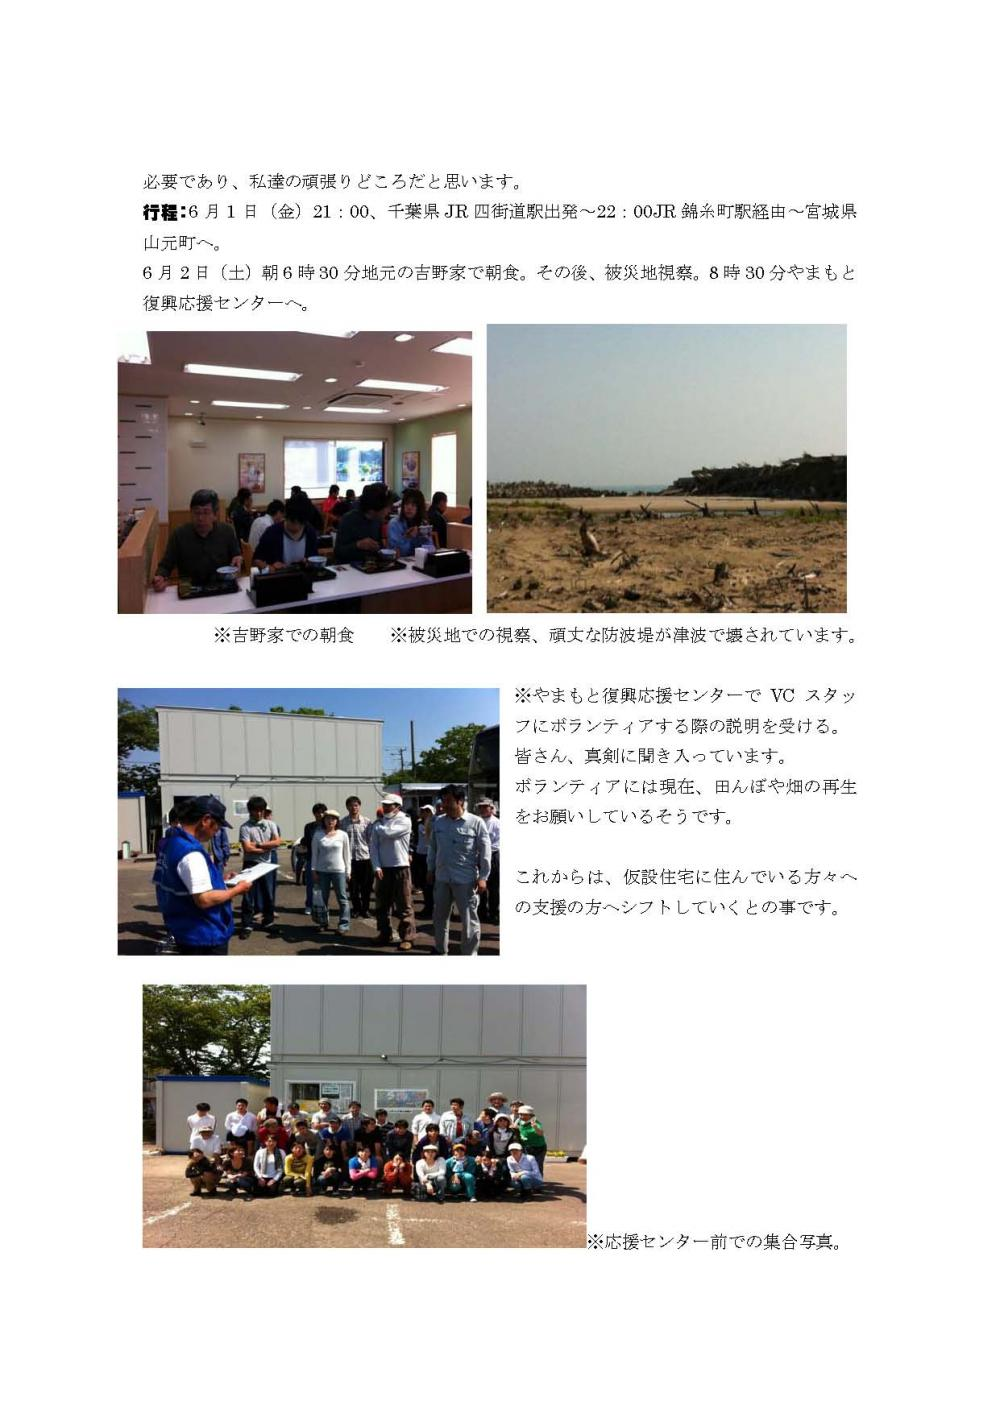 災害支援ボランティア活動報告書。No.14_ページ_2_convert_20120607230250